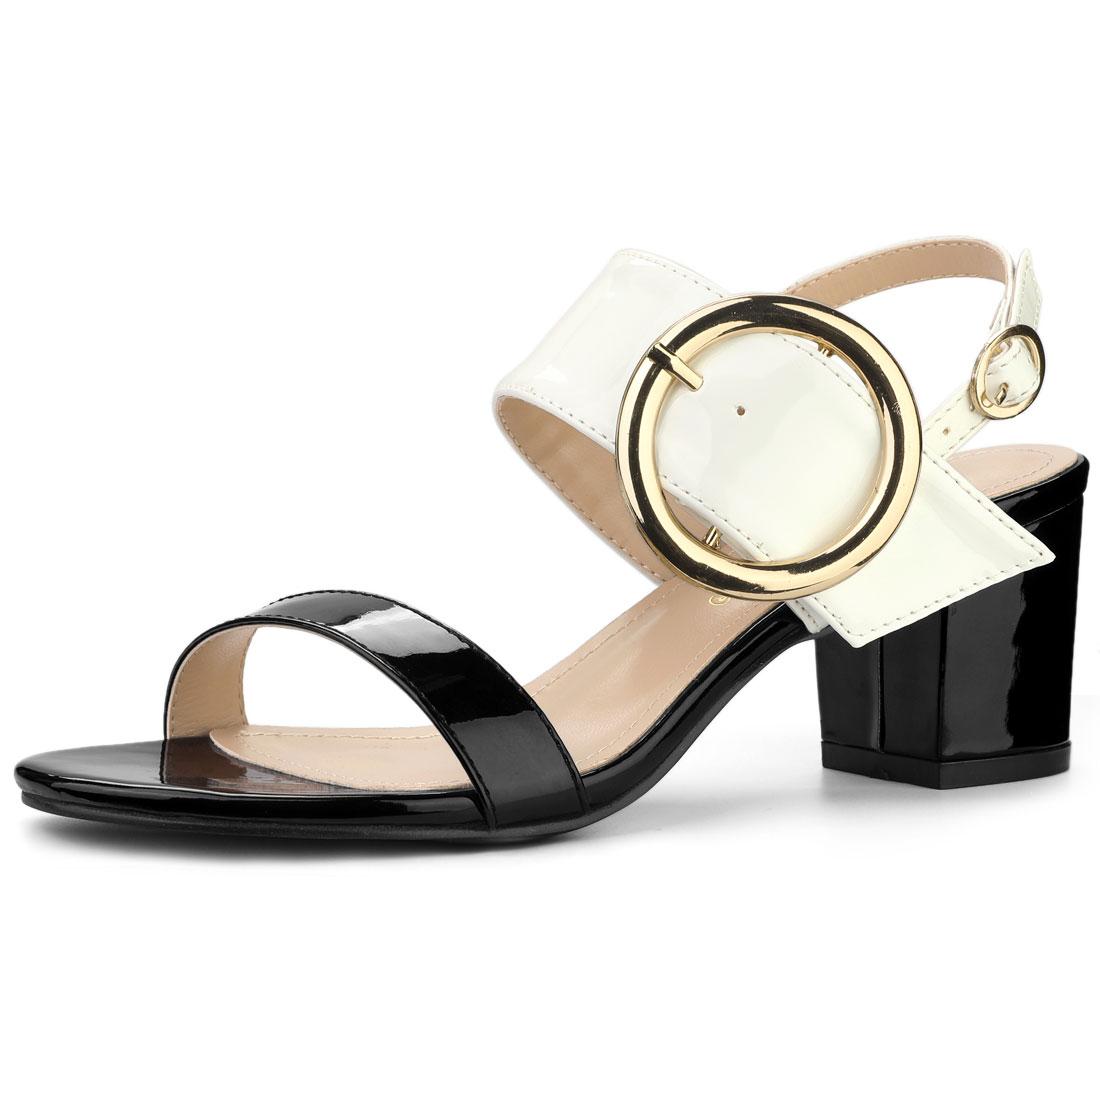 Allegra K Women's Slingback Block High Heel Sandals Black White US 8